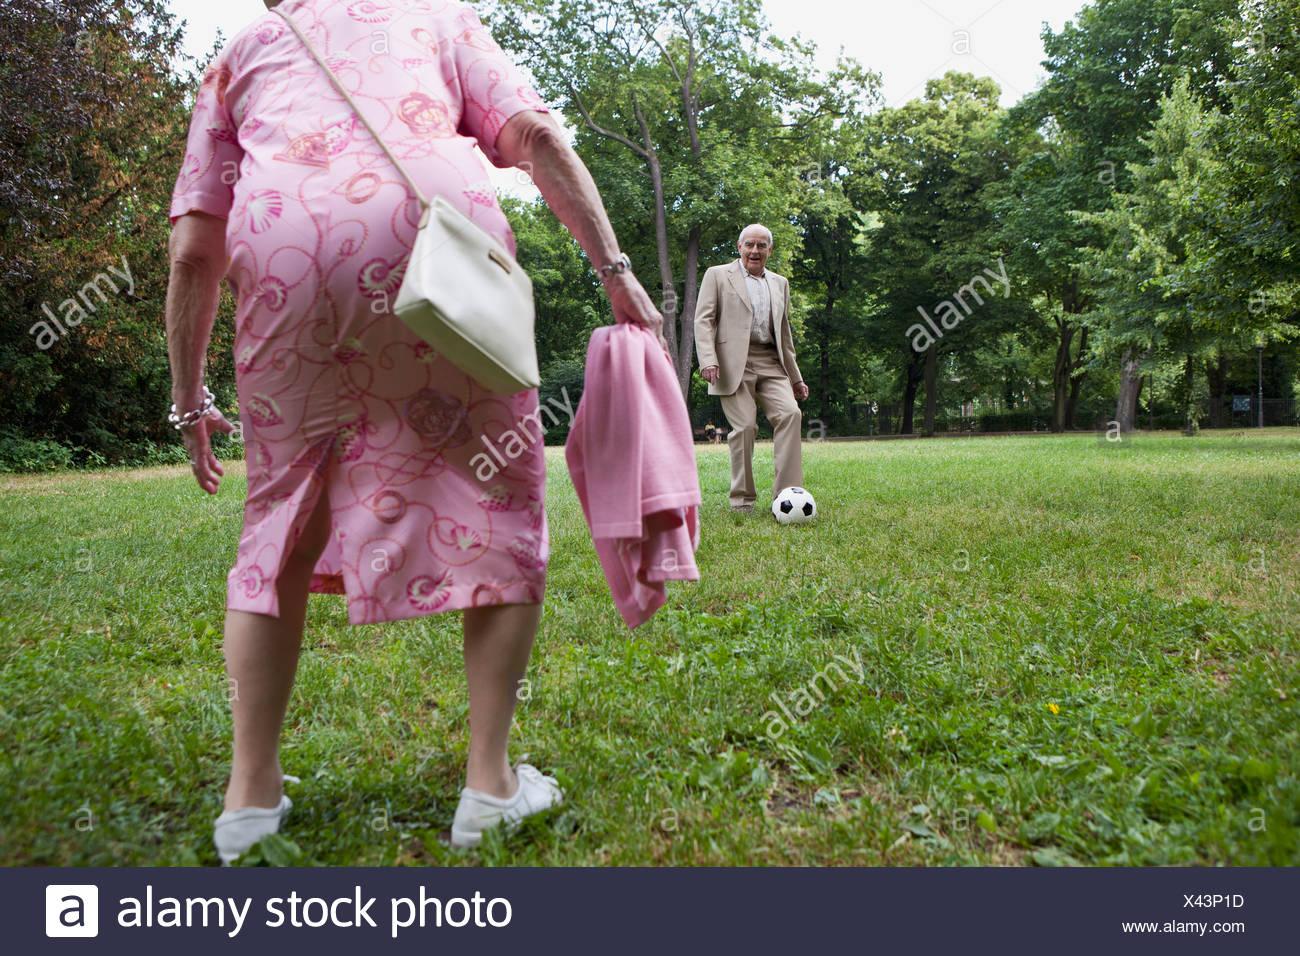 Las Parejas Ancianas Jugar Futbol En El Parque Foto Imagen De